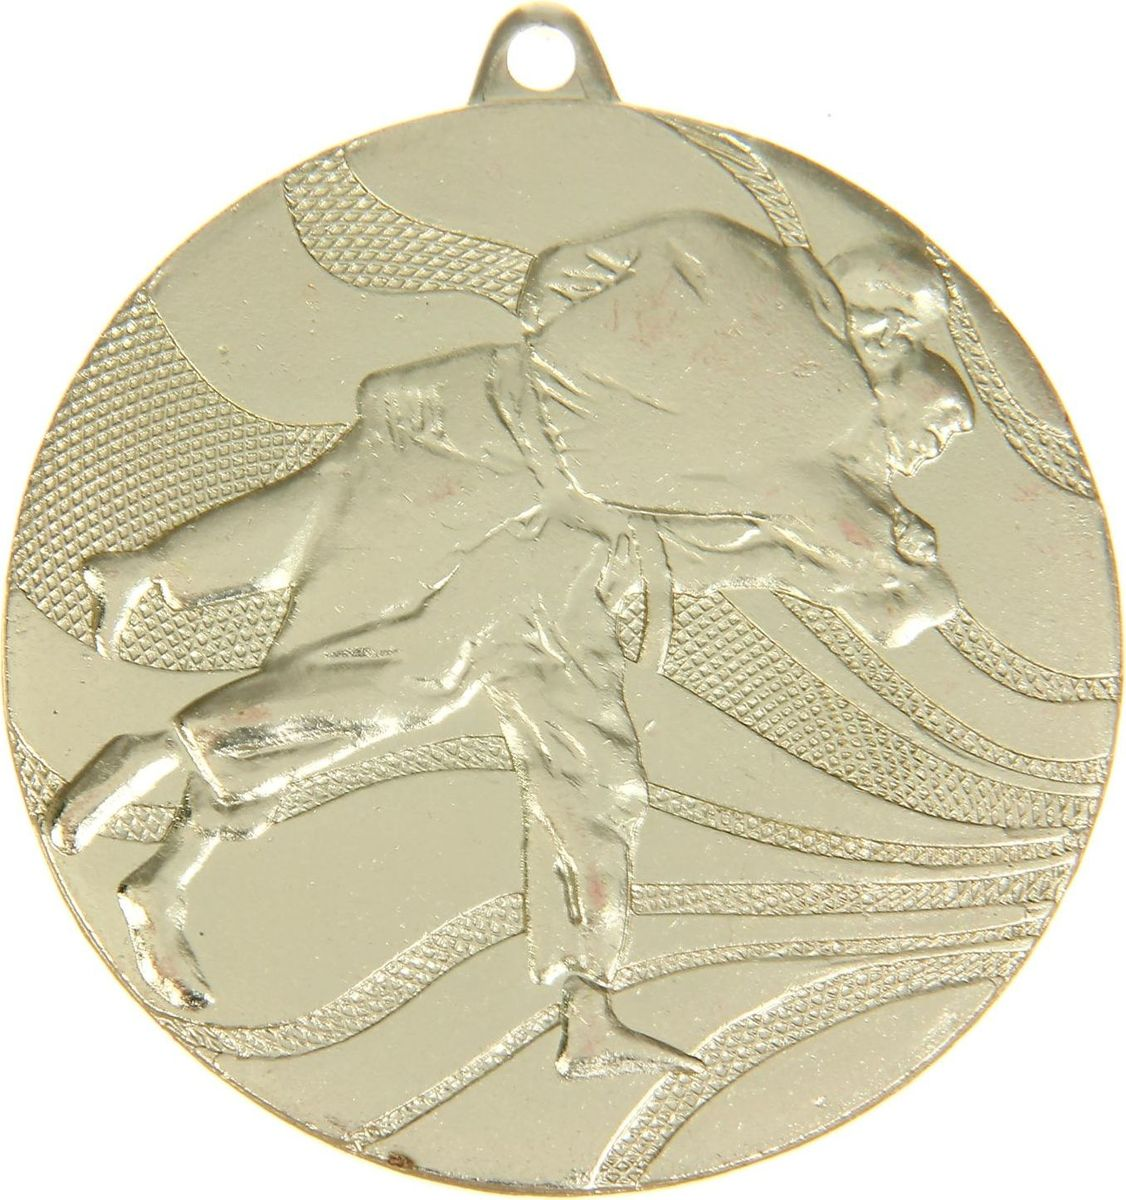 Медаль сувенирная Карате, цвет: золотистый, диаметр 5 см. 0412422937Заслуженный приз! Долгие изнурительные тренировки, напряжение перед соревнованием… Наконец ты вышел и показал всё, на что способен. И вот она — победа! — награда для настоящего чемпиона. Пусть каждый видит, кому именно сегодня покорился пьедестал. Блестящая награда на груди станет лучшим ответом скептикам и всегда будет напоминать, что упорный труд непременно вознаграждается. Наступит завтрашний день, и своё лидерство нужно будет доказывать заново. Ну а пока победитель сможет наслаждаться триумфом, глядя на эту медаль.Характеристики: Диаметр медали: 5 см Диаметр вкладыша (оборот): 4,5 см. Сверху расположено отверстие для крепления ленты.